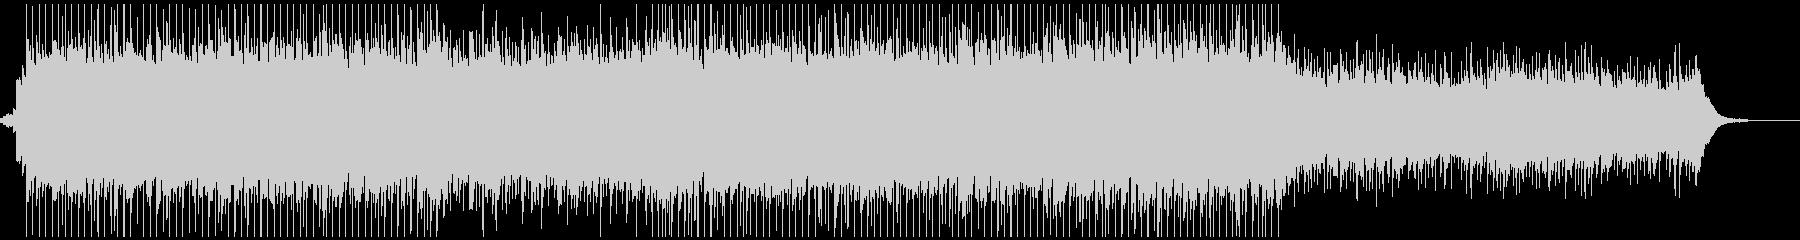 ピアノがきらきら綺麗なBGM3−2の未再生の波形